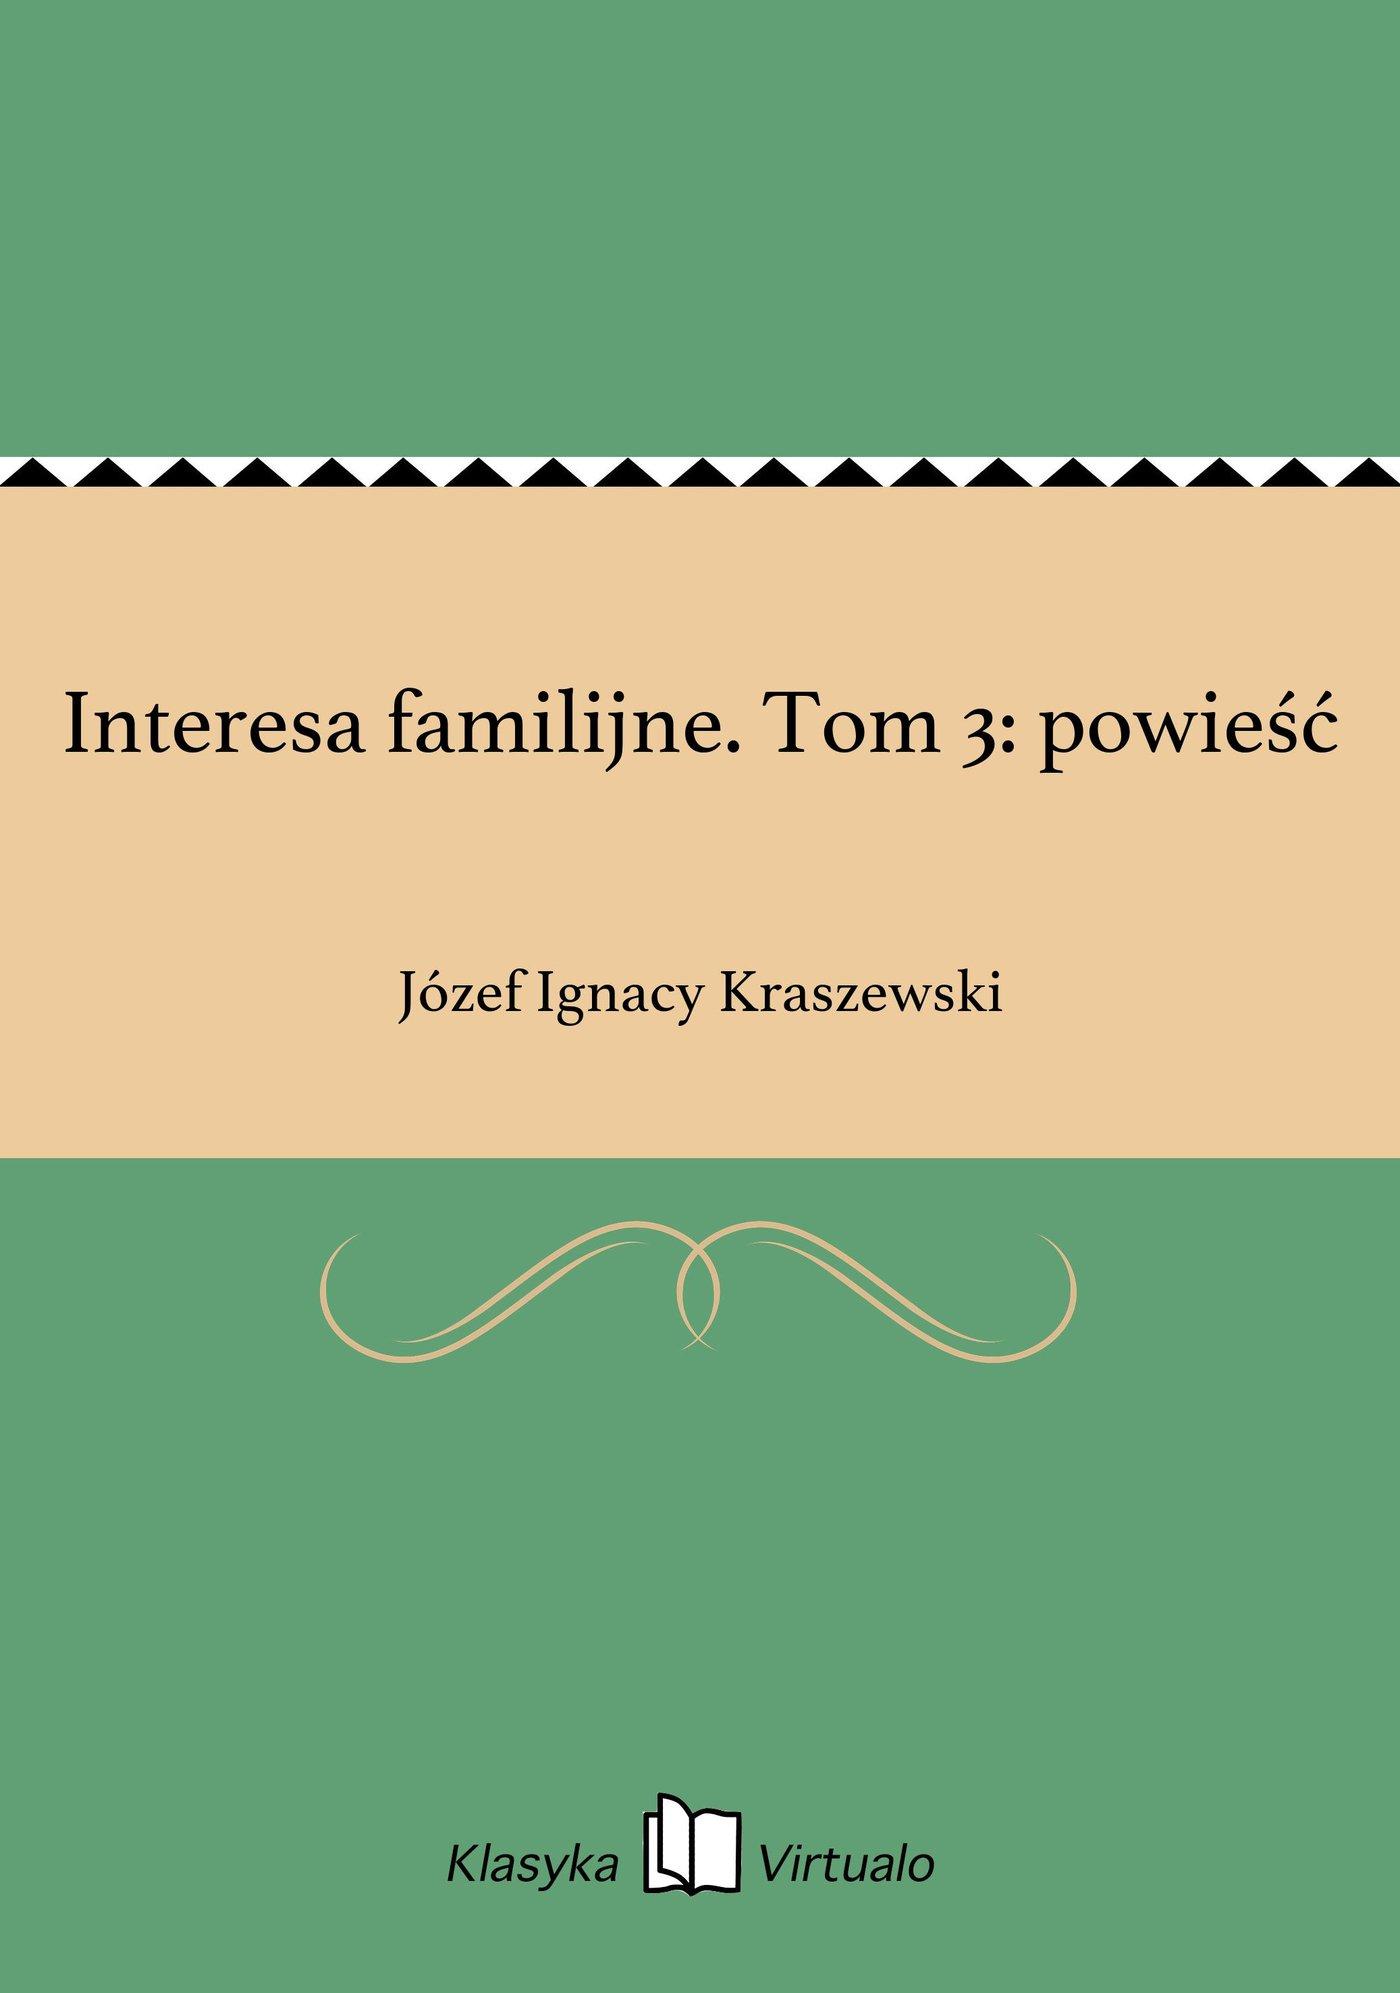 Interesa familijne. Tom 3: powieść - Ebook (Książka EPUB) do pobrania w formacie EPUB